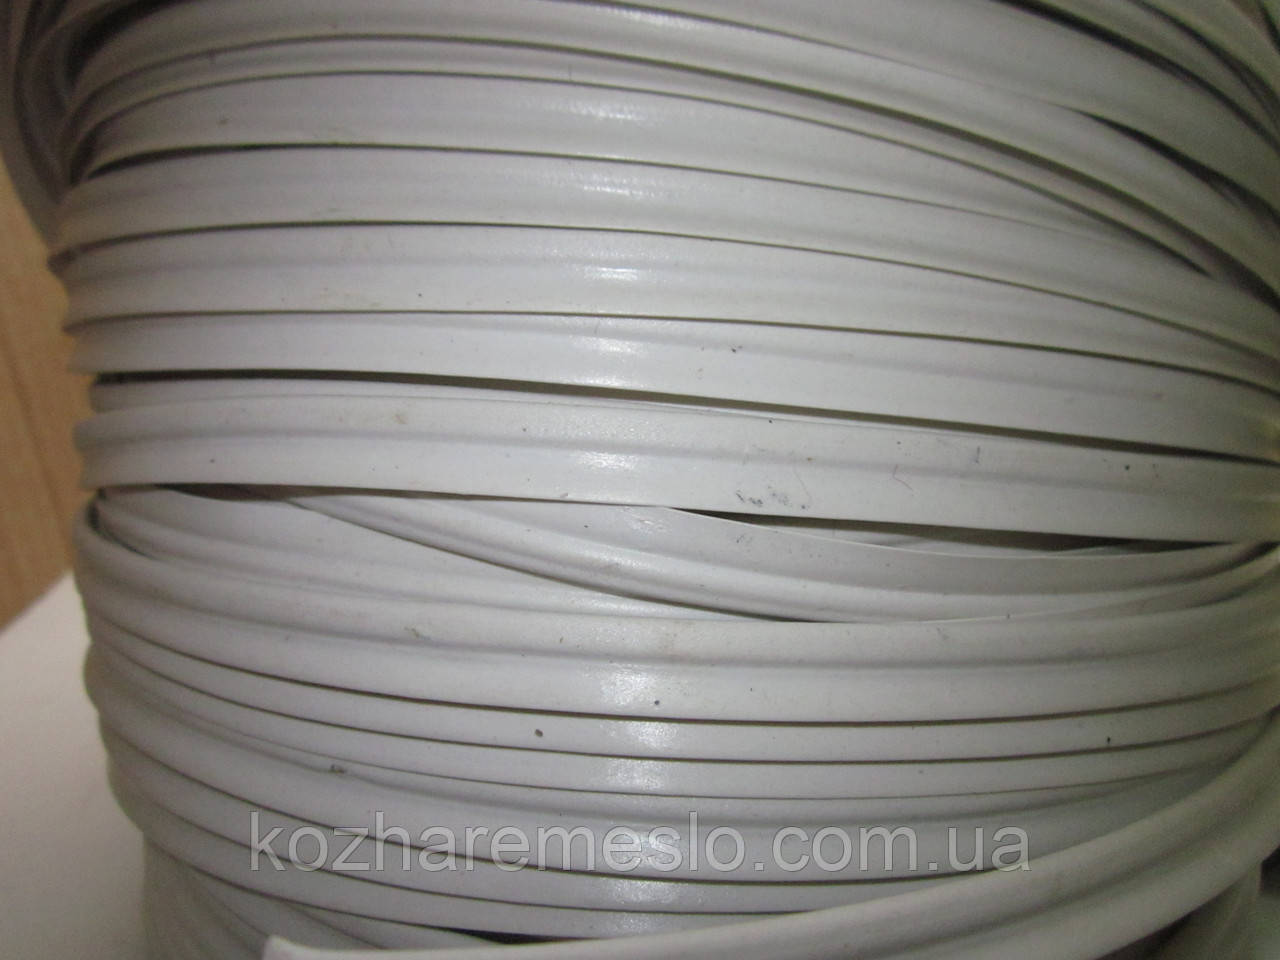 Кедер (кедрик) кант шовный полиэтиленовый белый